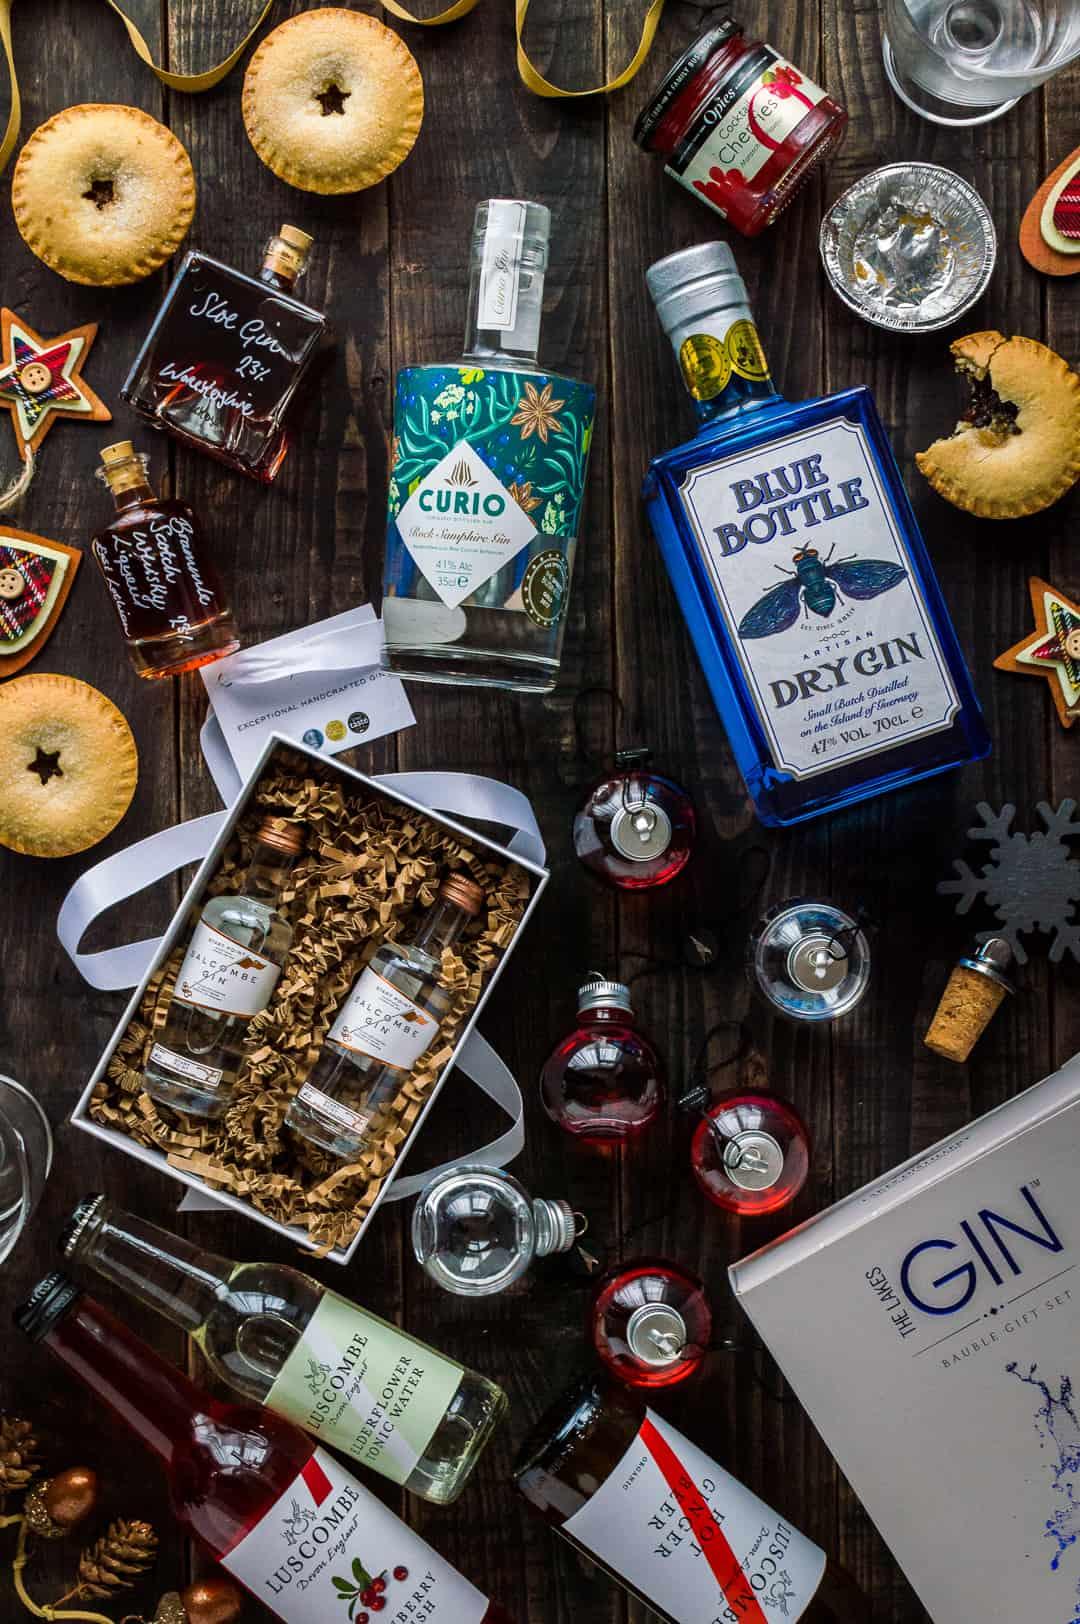 Christmas gins and drinks